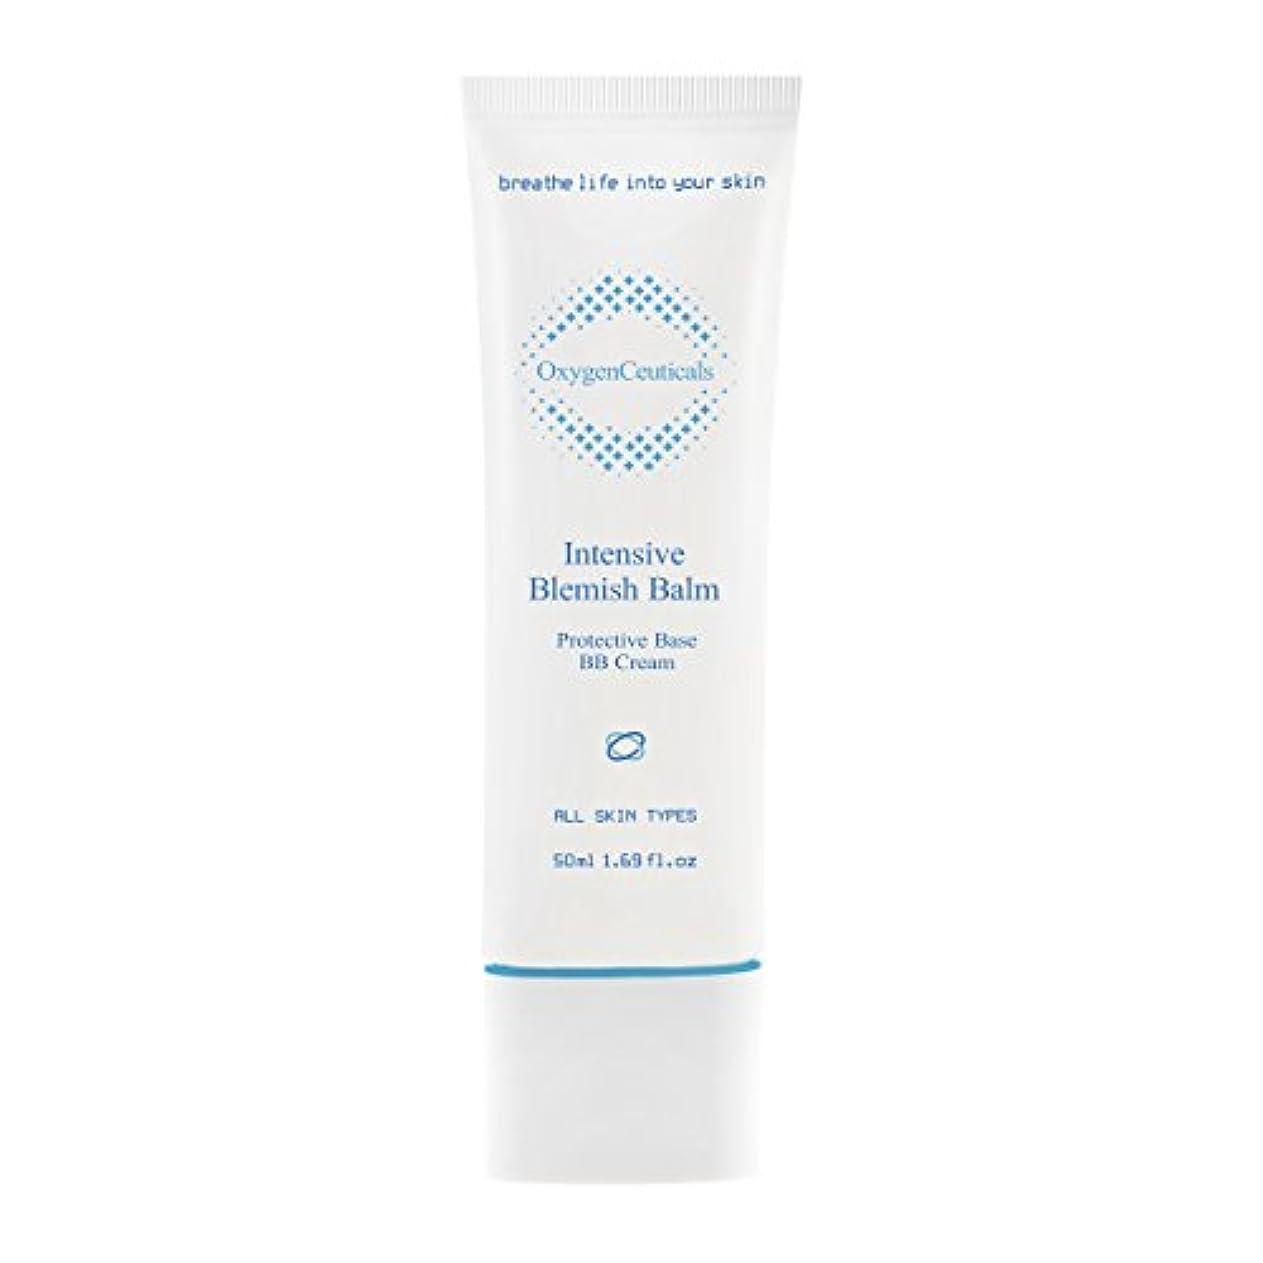 樹木宿泊品種[ Oxygen Ceuticals ] オキシジェンシューティカルズ 酸素BBクリーム[再.生BB] 50ml. Intensive Blemish Balm(BB Cream) 50ml. X Mask Pack 1p.